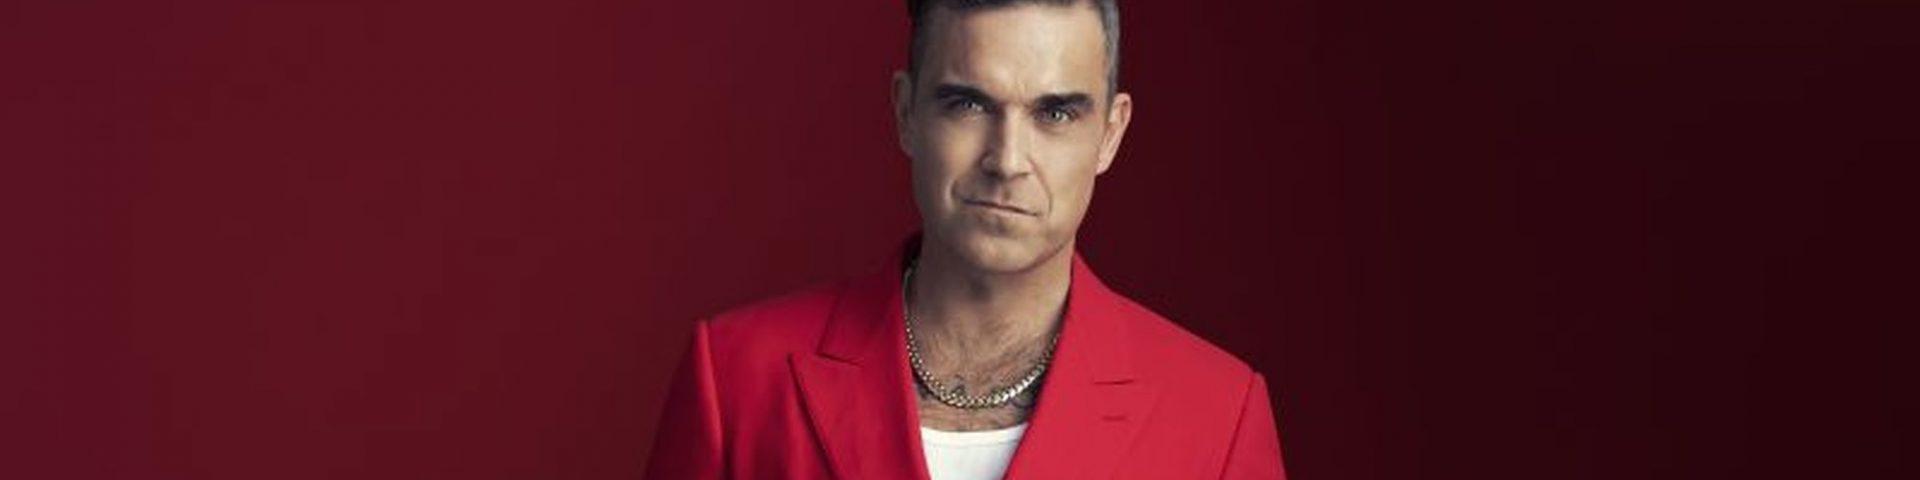 X Factor 2019: Robbie Williams ospite della finale